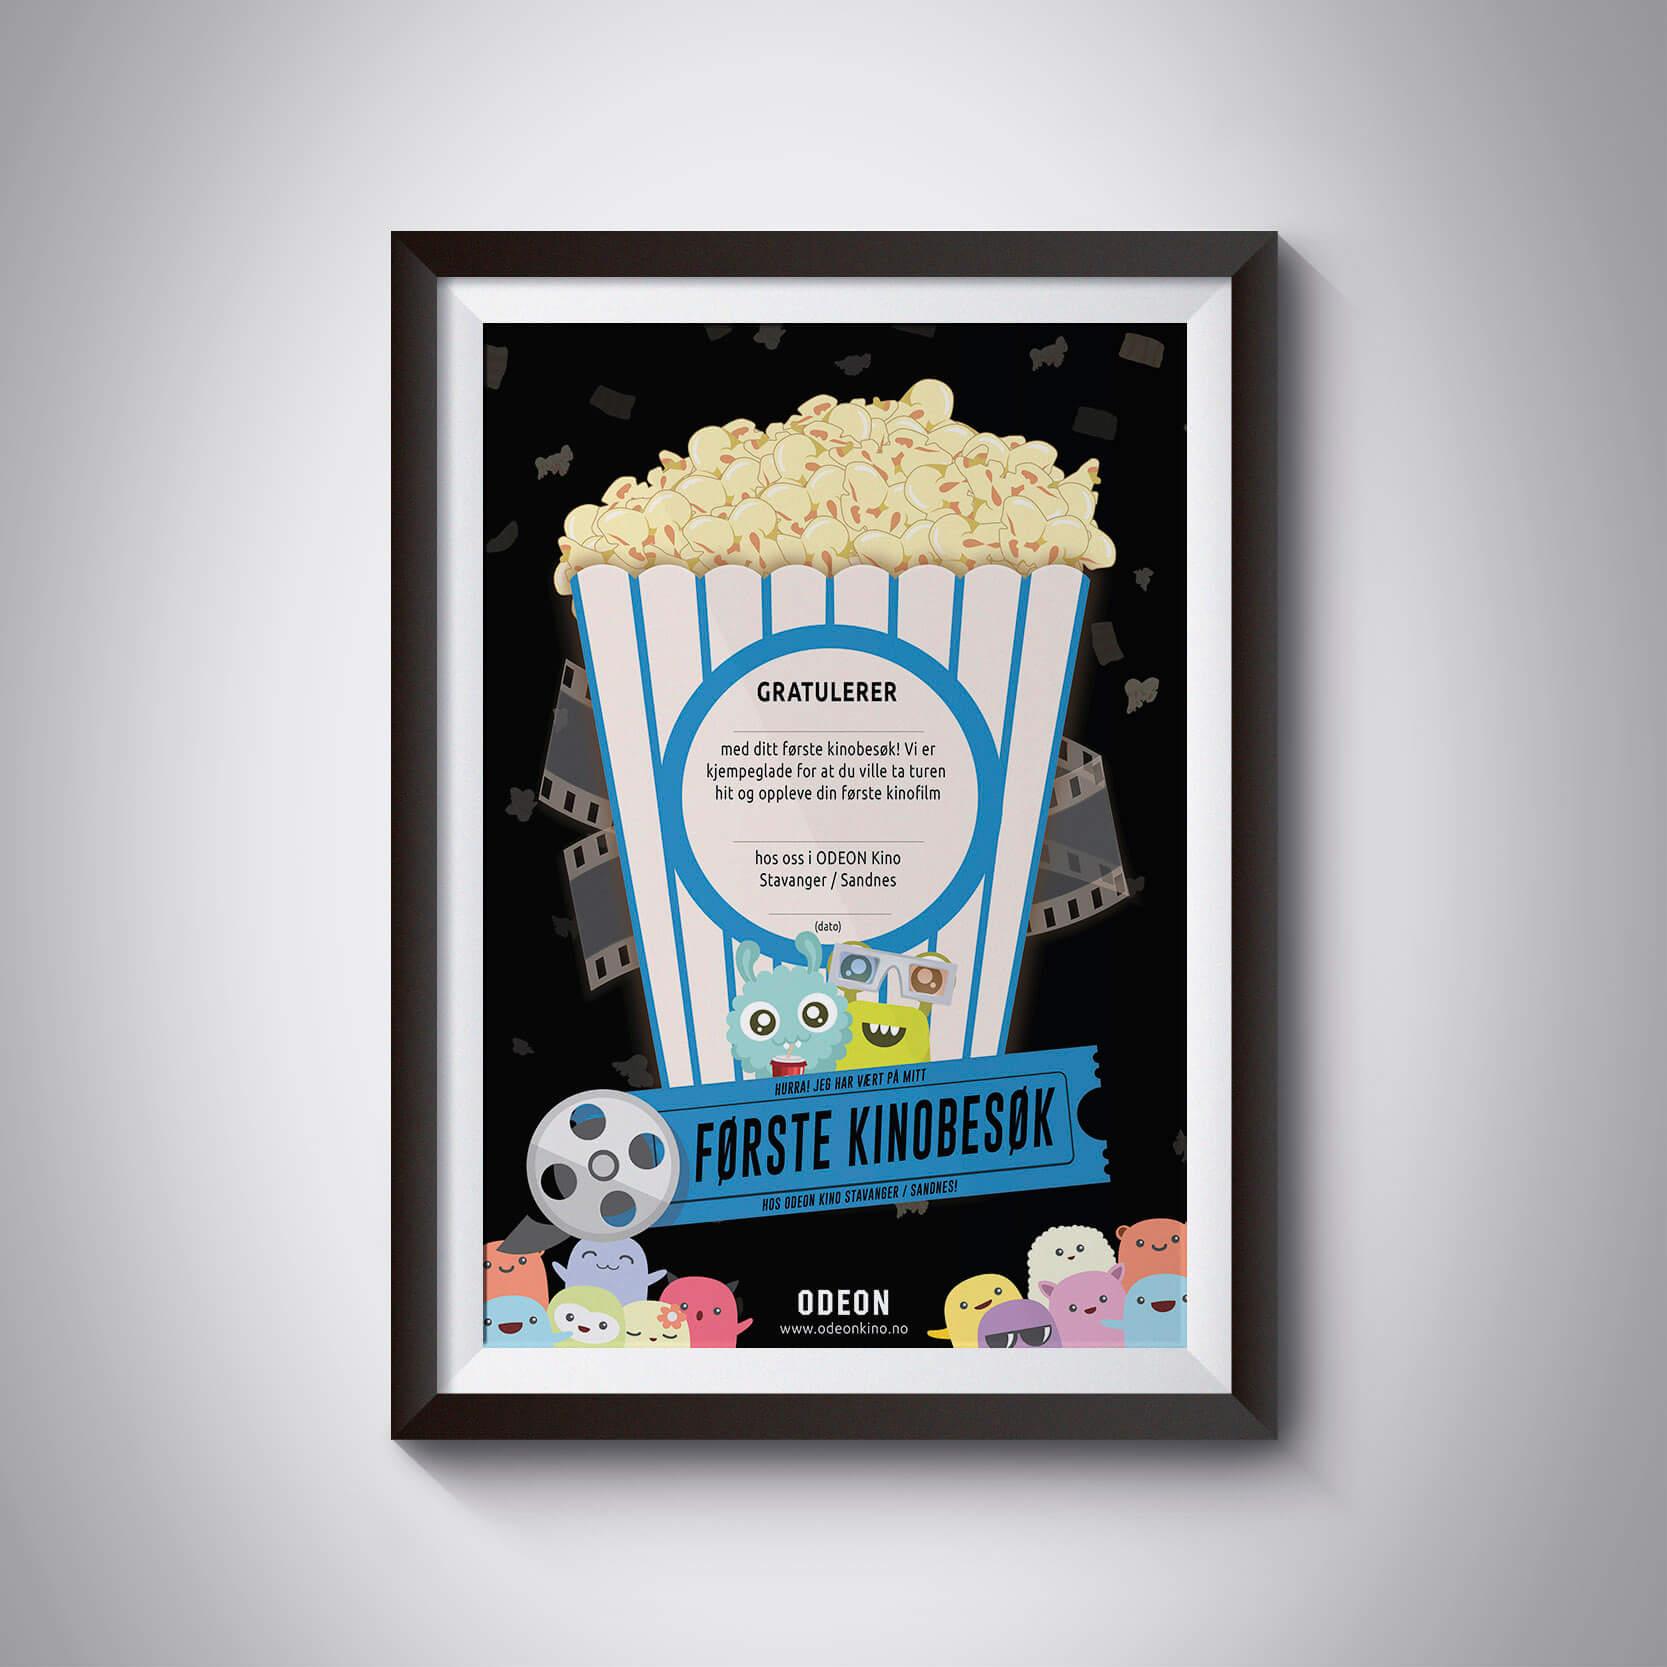 kino poster 5